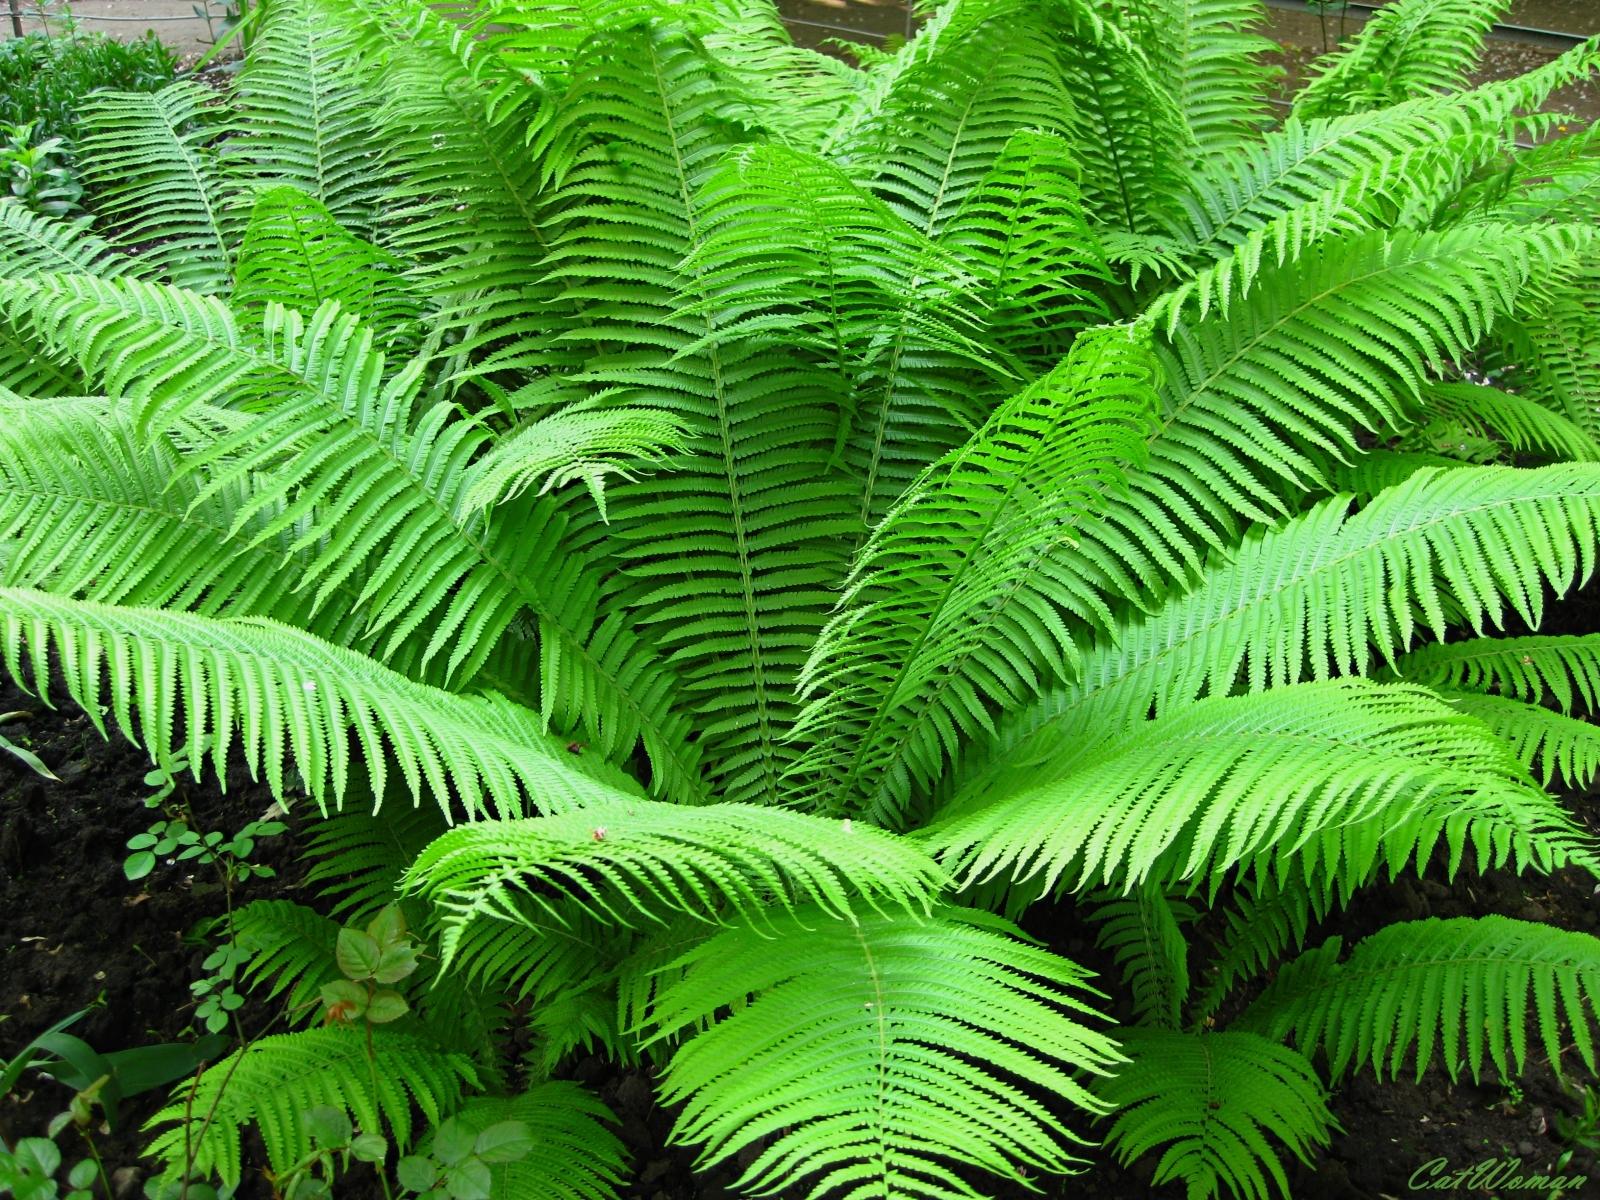 8528 Hintergrundbild herunterladen Pflanzen, Farne - Bildschirmschoner und Bilder kostenlos